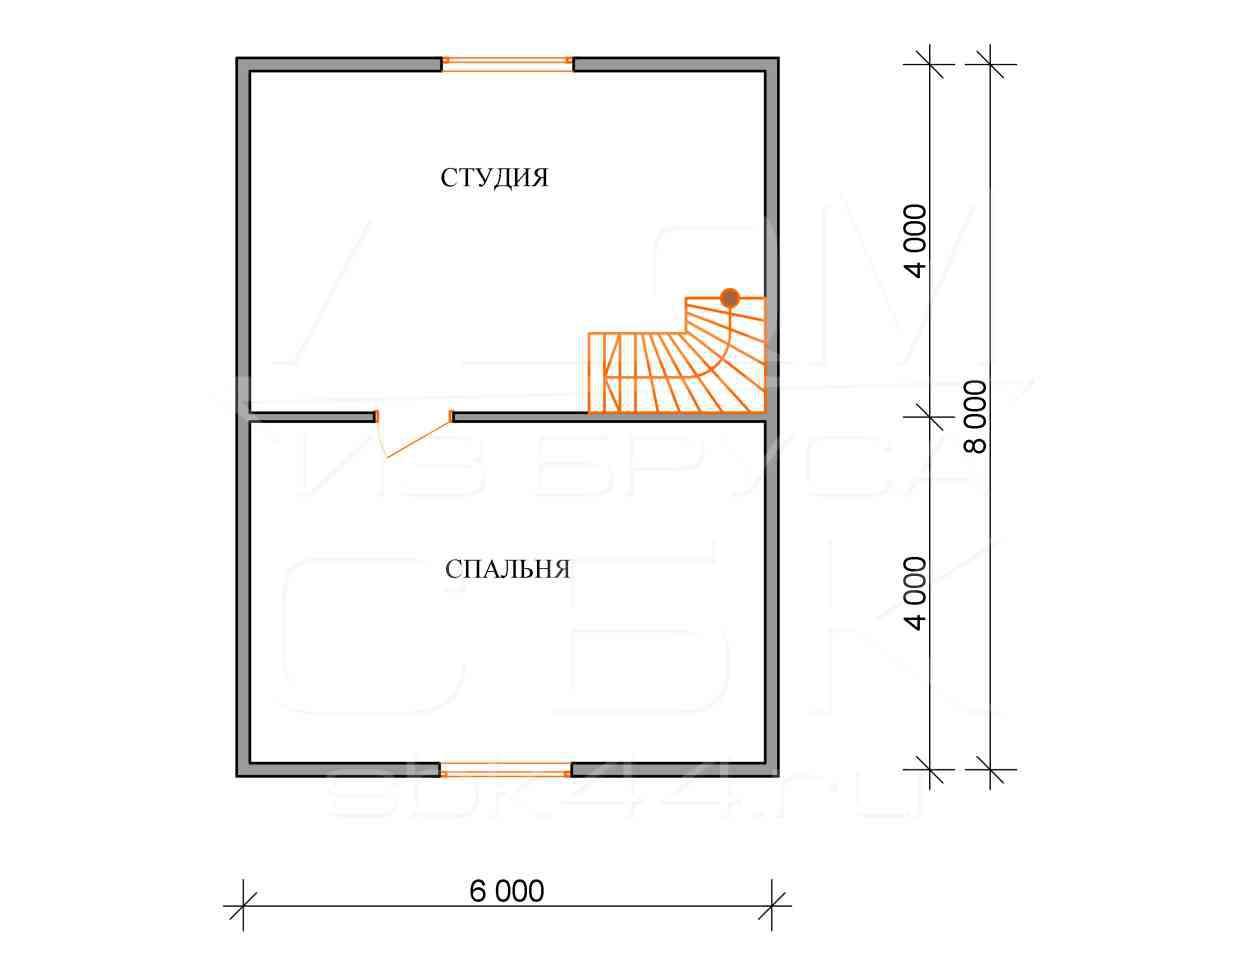 дом из бруса 6 на 8 план 2 этажа барское